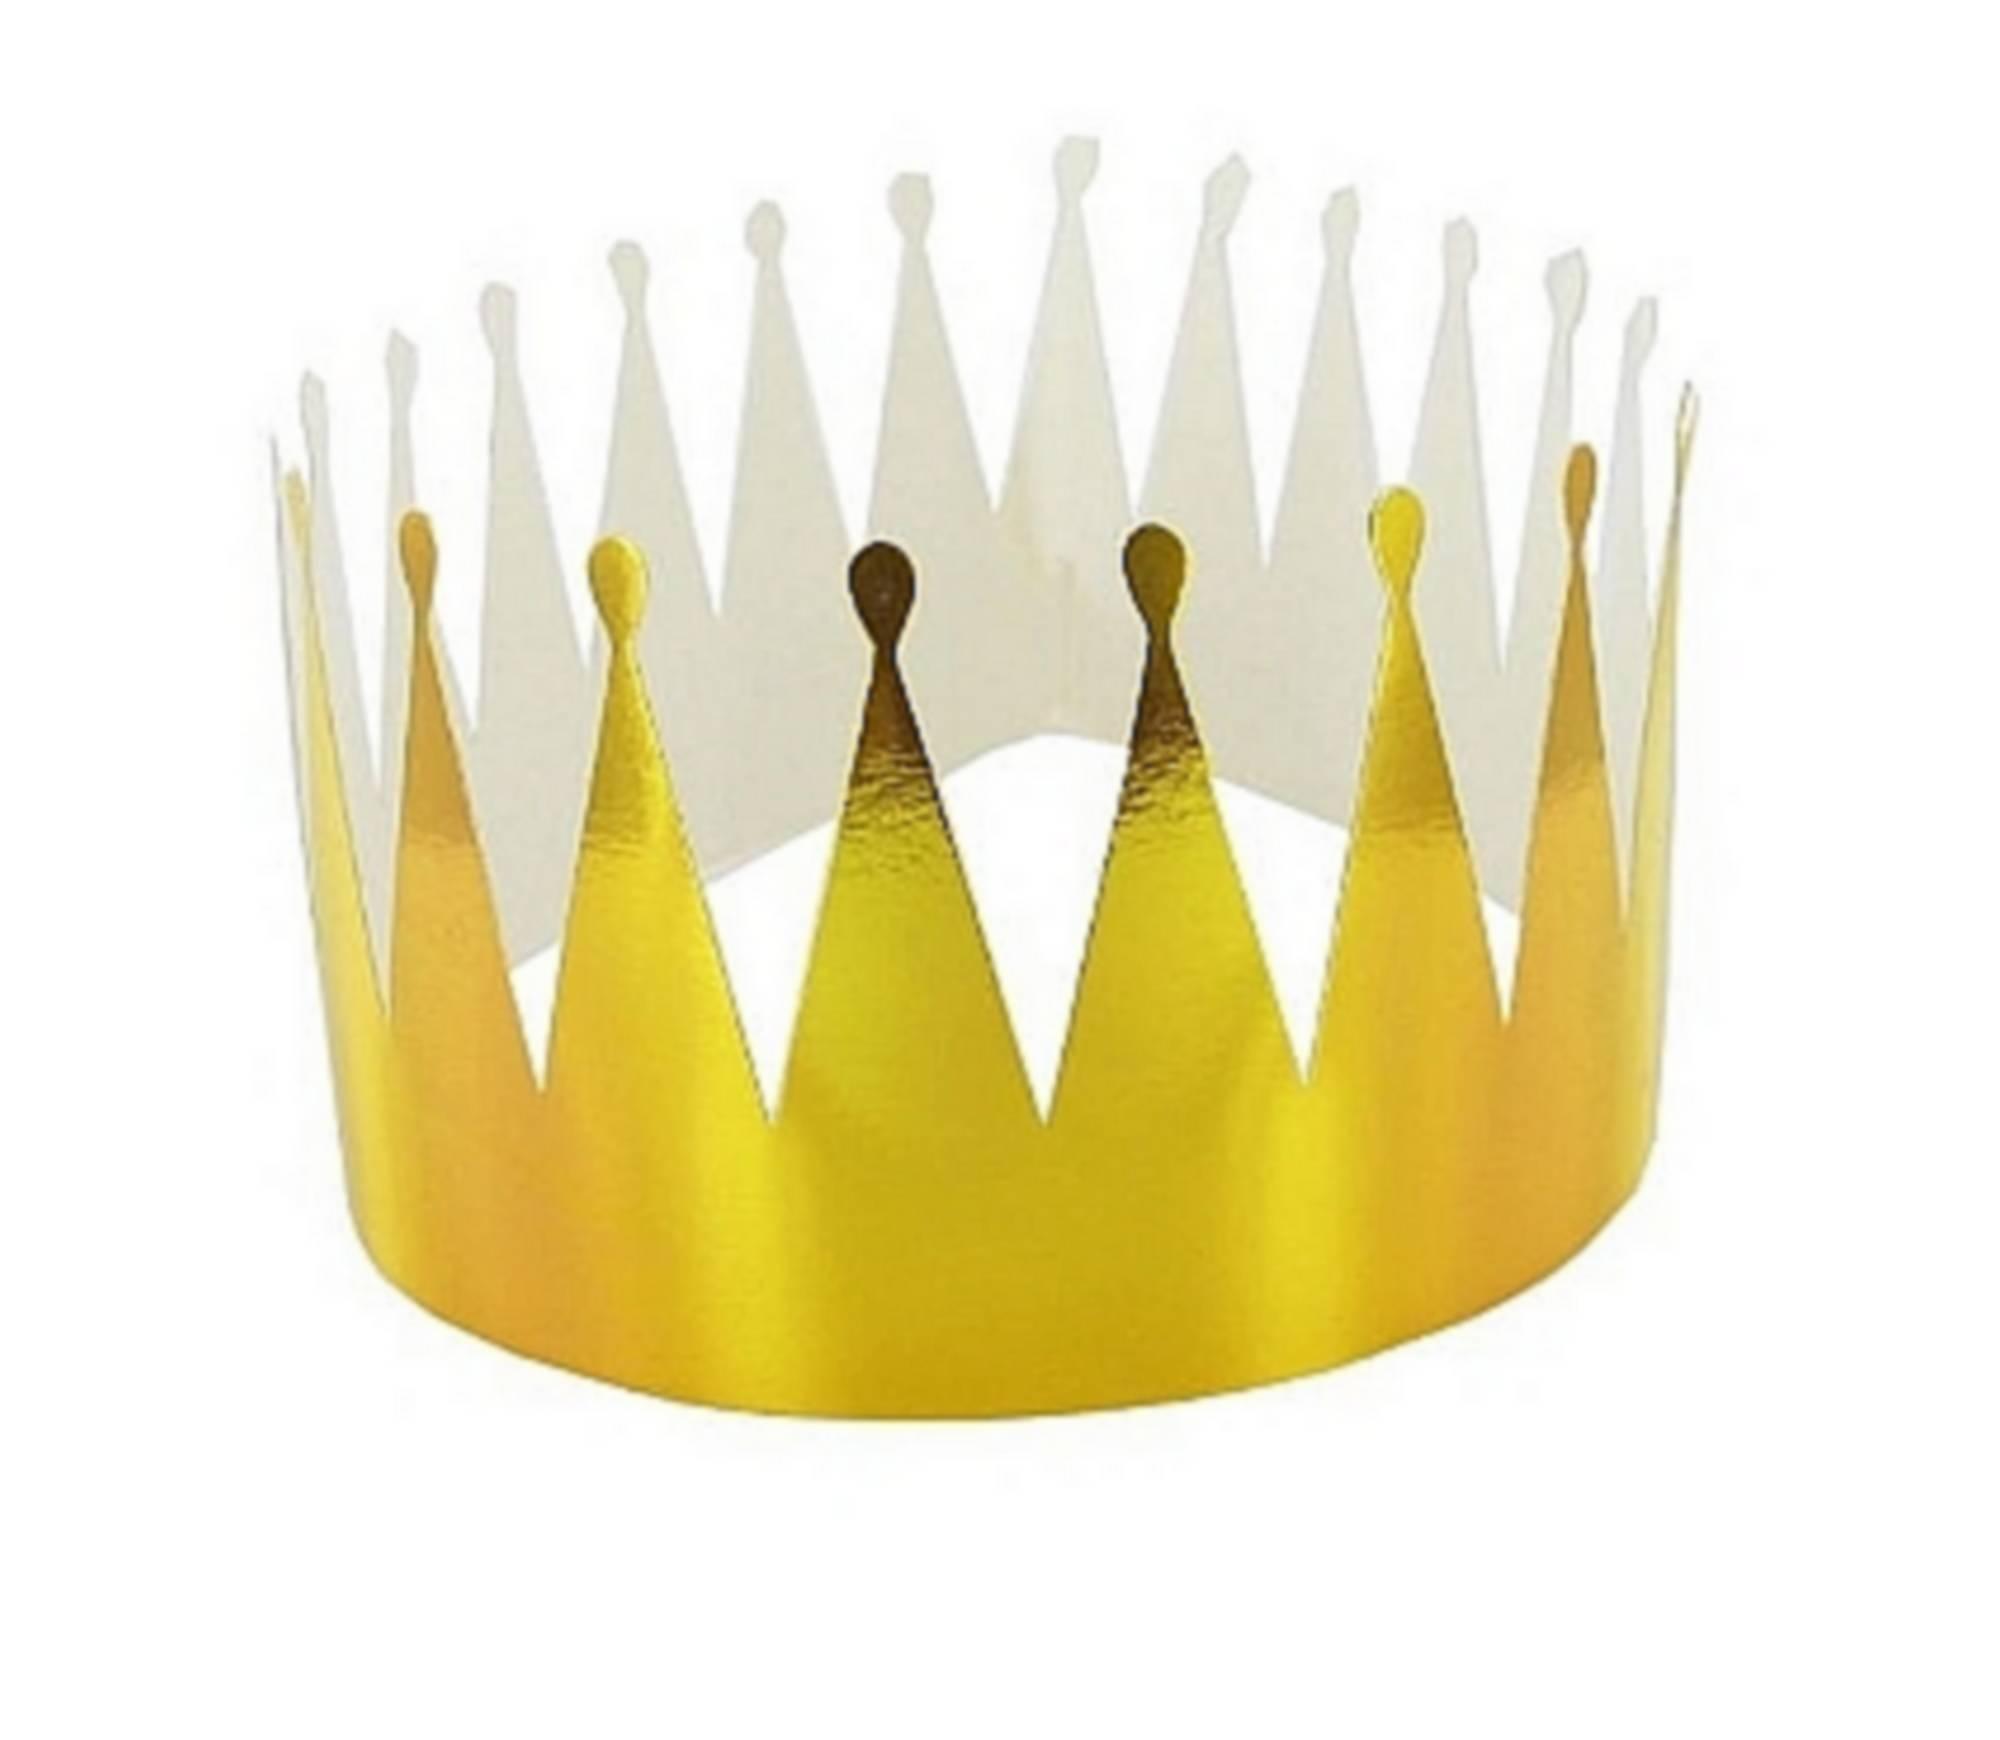 Couronnes des rois blog de ma gommette - Image couronne des rois ...